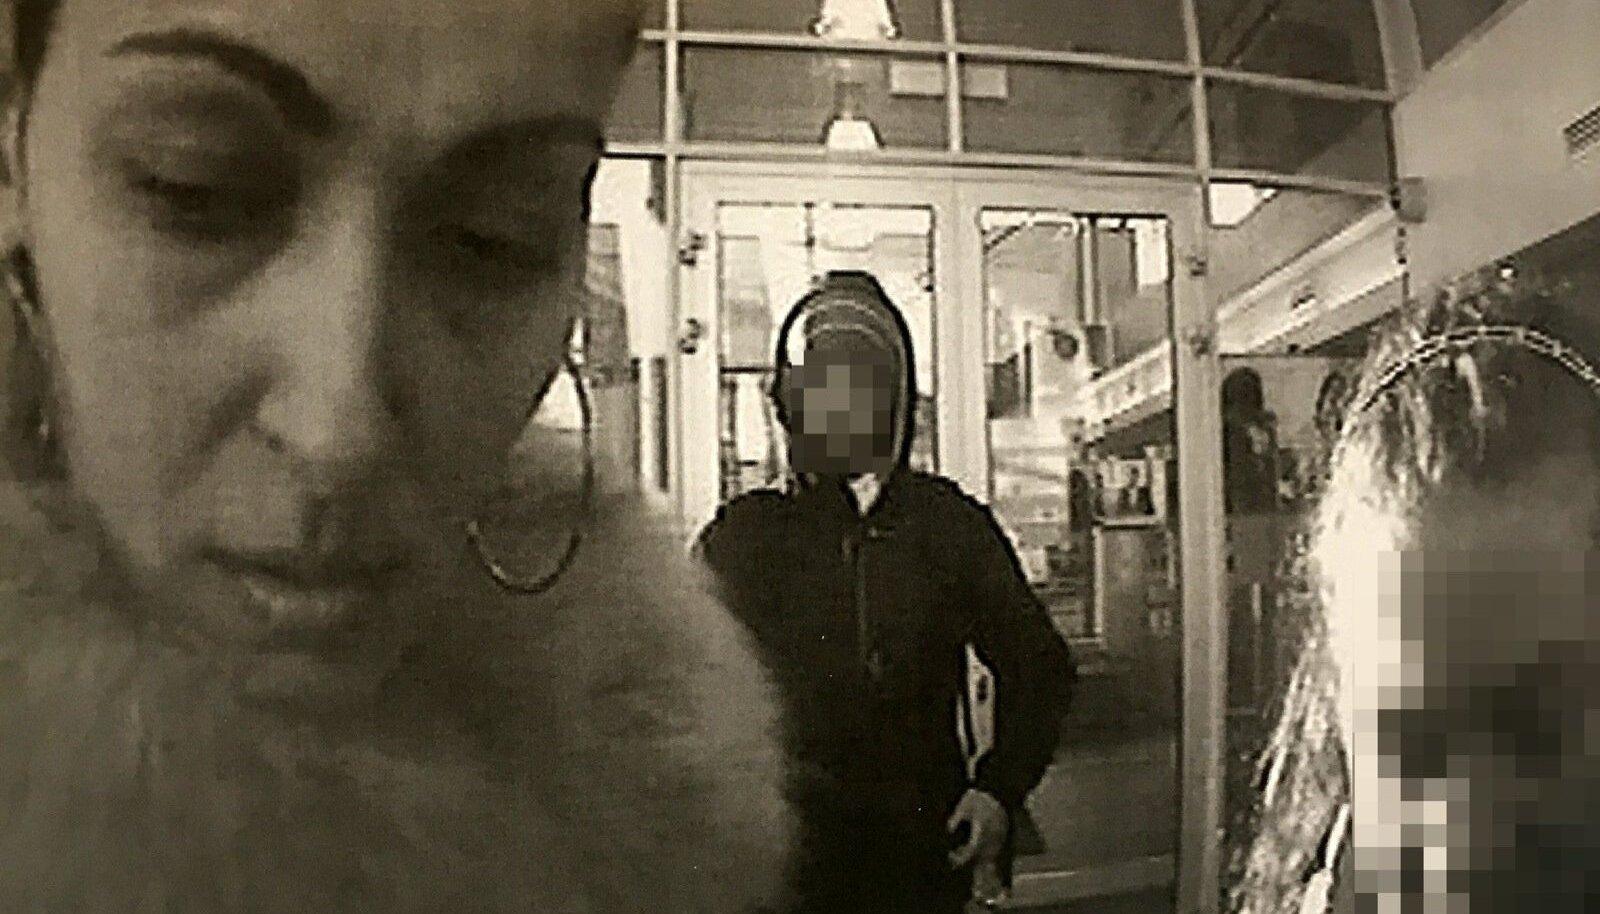 RAHA TULEB: Pangaautomaat salvestab hetke, kui Rubina võtab tütre kontolt välja raha, mille on tema ohvrid kandnud.